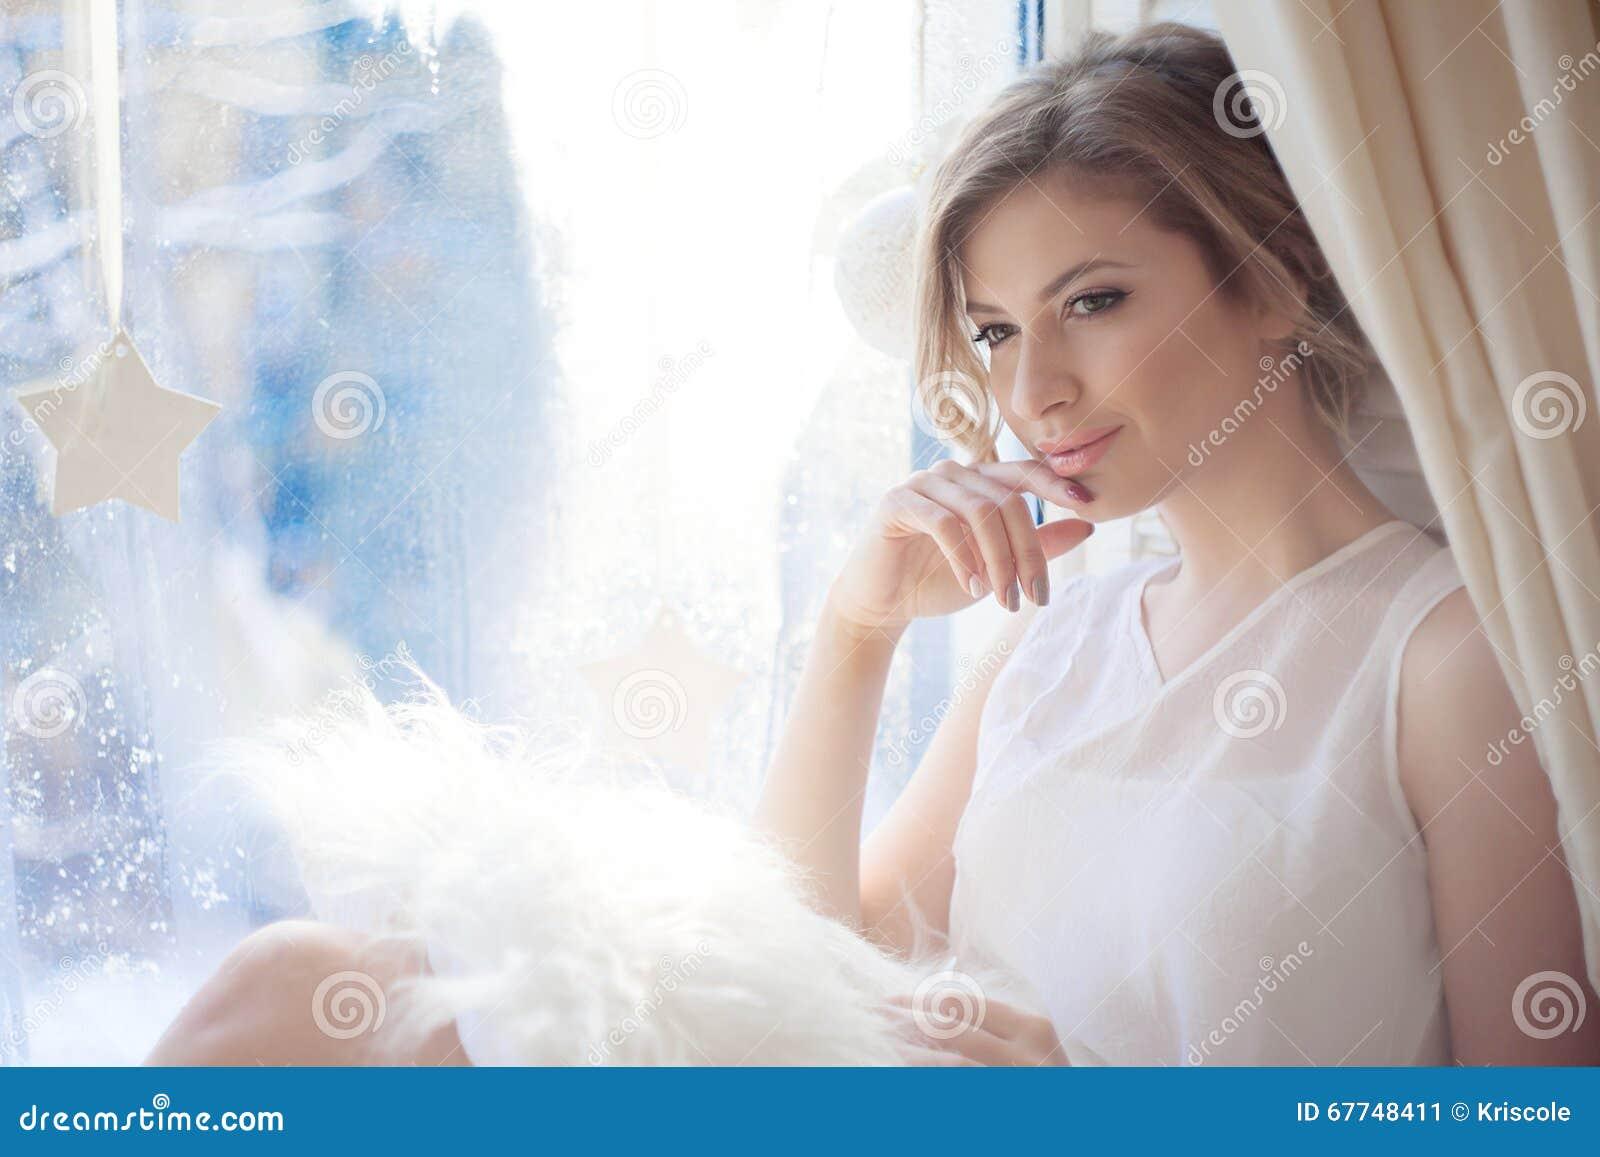 年轻美丽的女孩坐窗台,看窗口,早晨光,强光